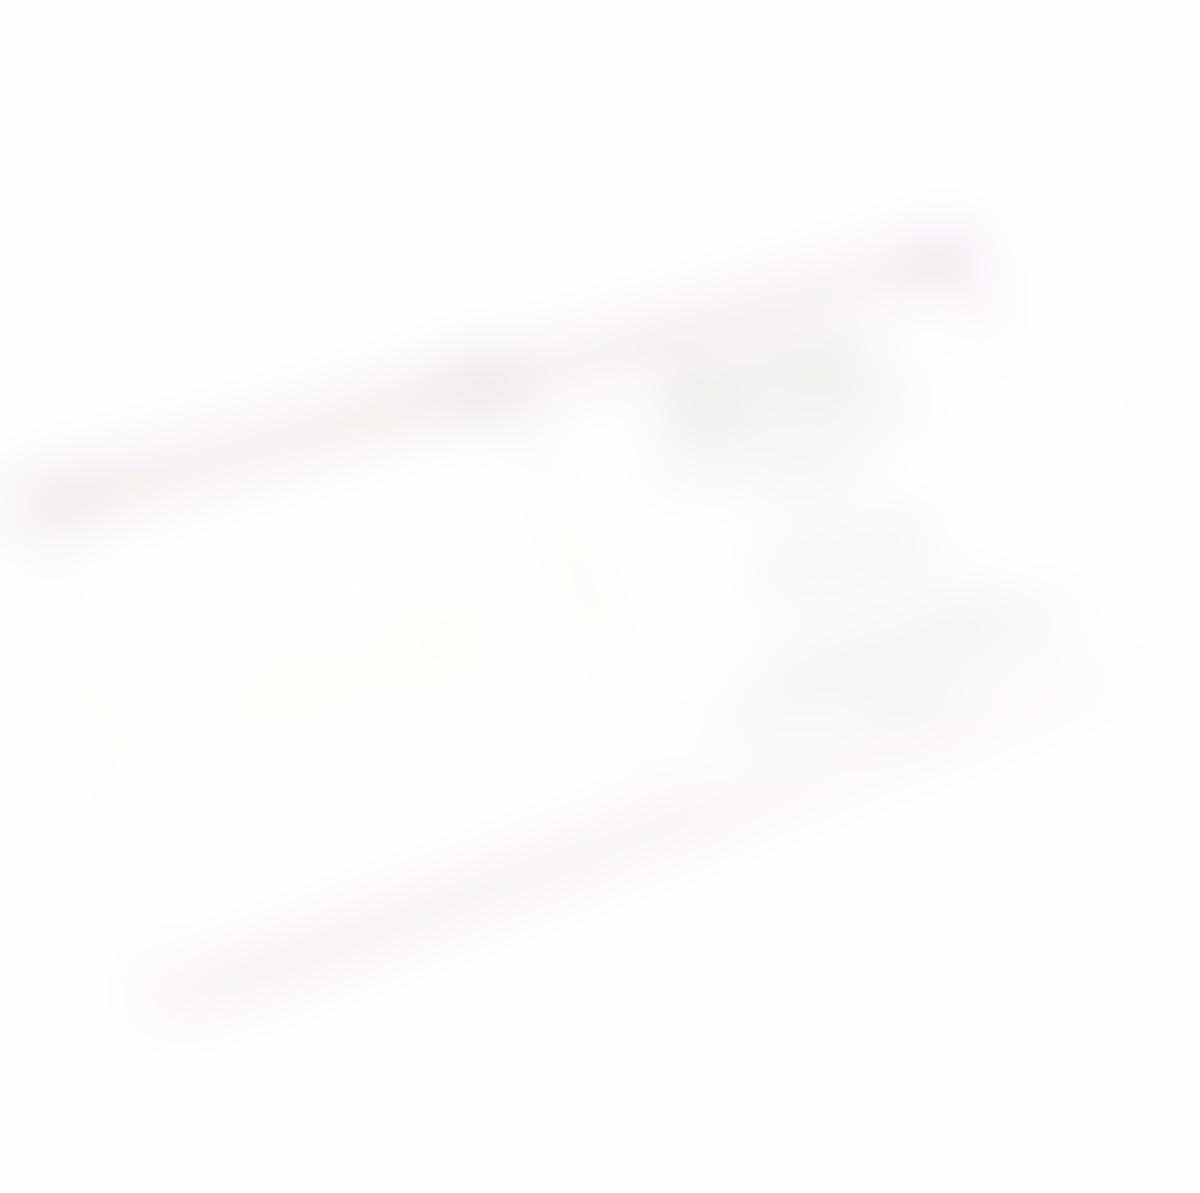 Kantenschutz,kreativ bauen 200cm Edelstahl L-Profil Schenkel 1,5x1,5cm Edelstahl Spiegel Winkel 2000mm 15x15 mm spiegelpoliert V2A 0,8mm stark Winkelblech